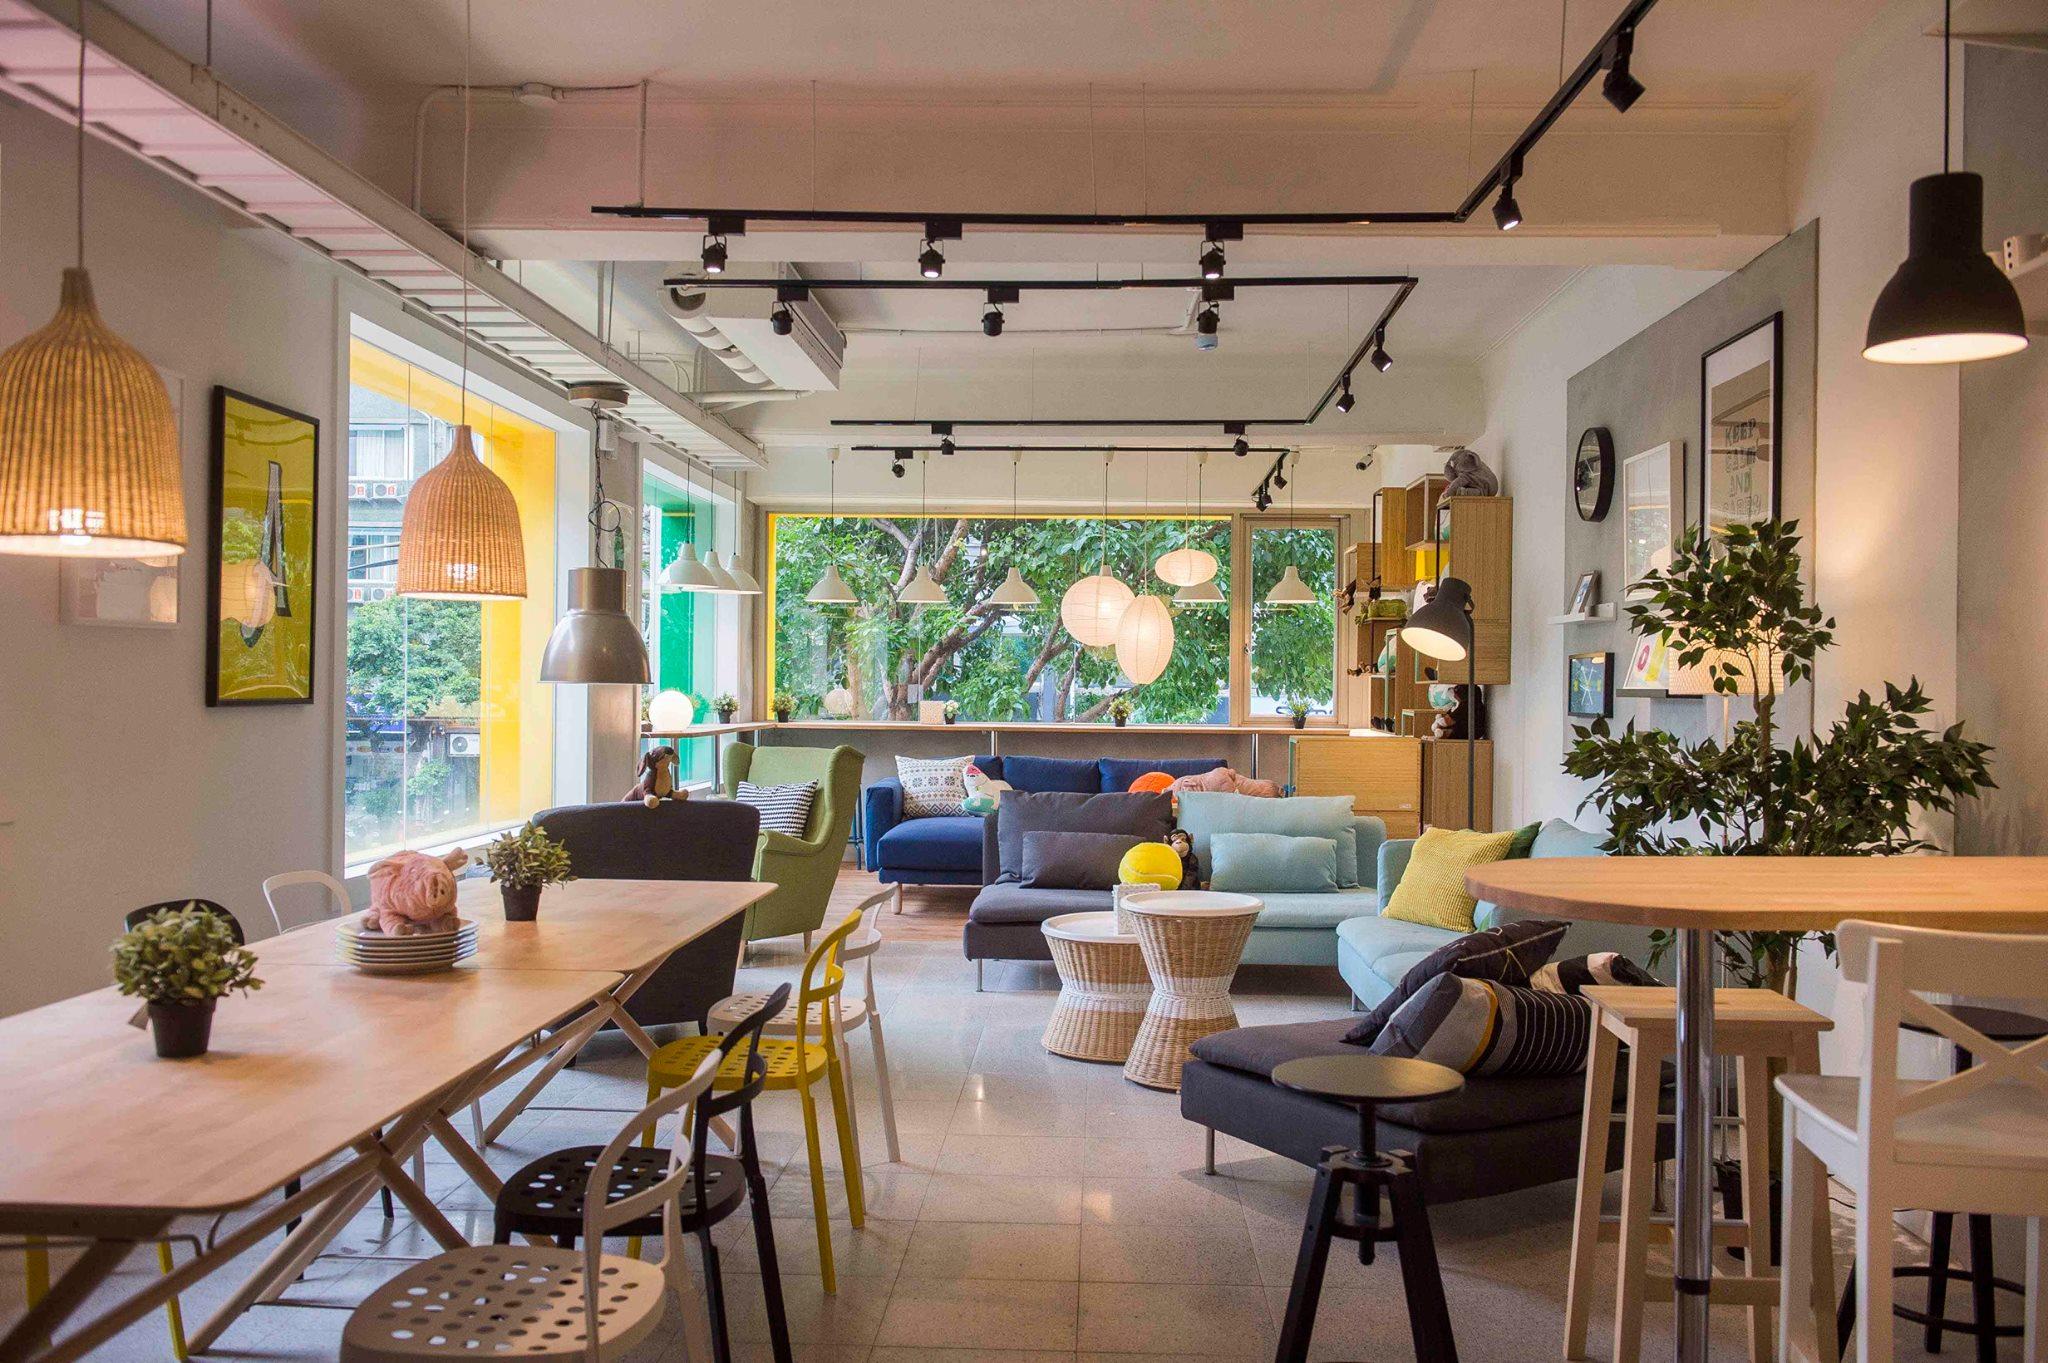 2樓沙發區有各式沙發、靠窗有吧台桌可以看風景喝咖啡, 還有舒適用餐區